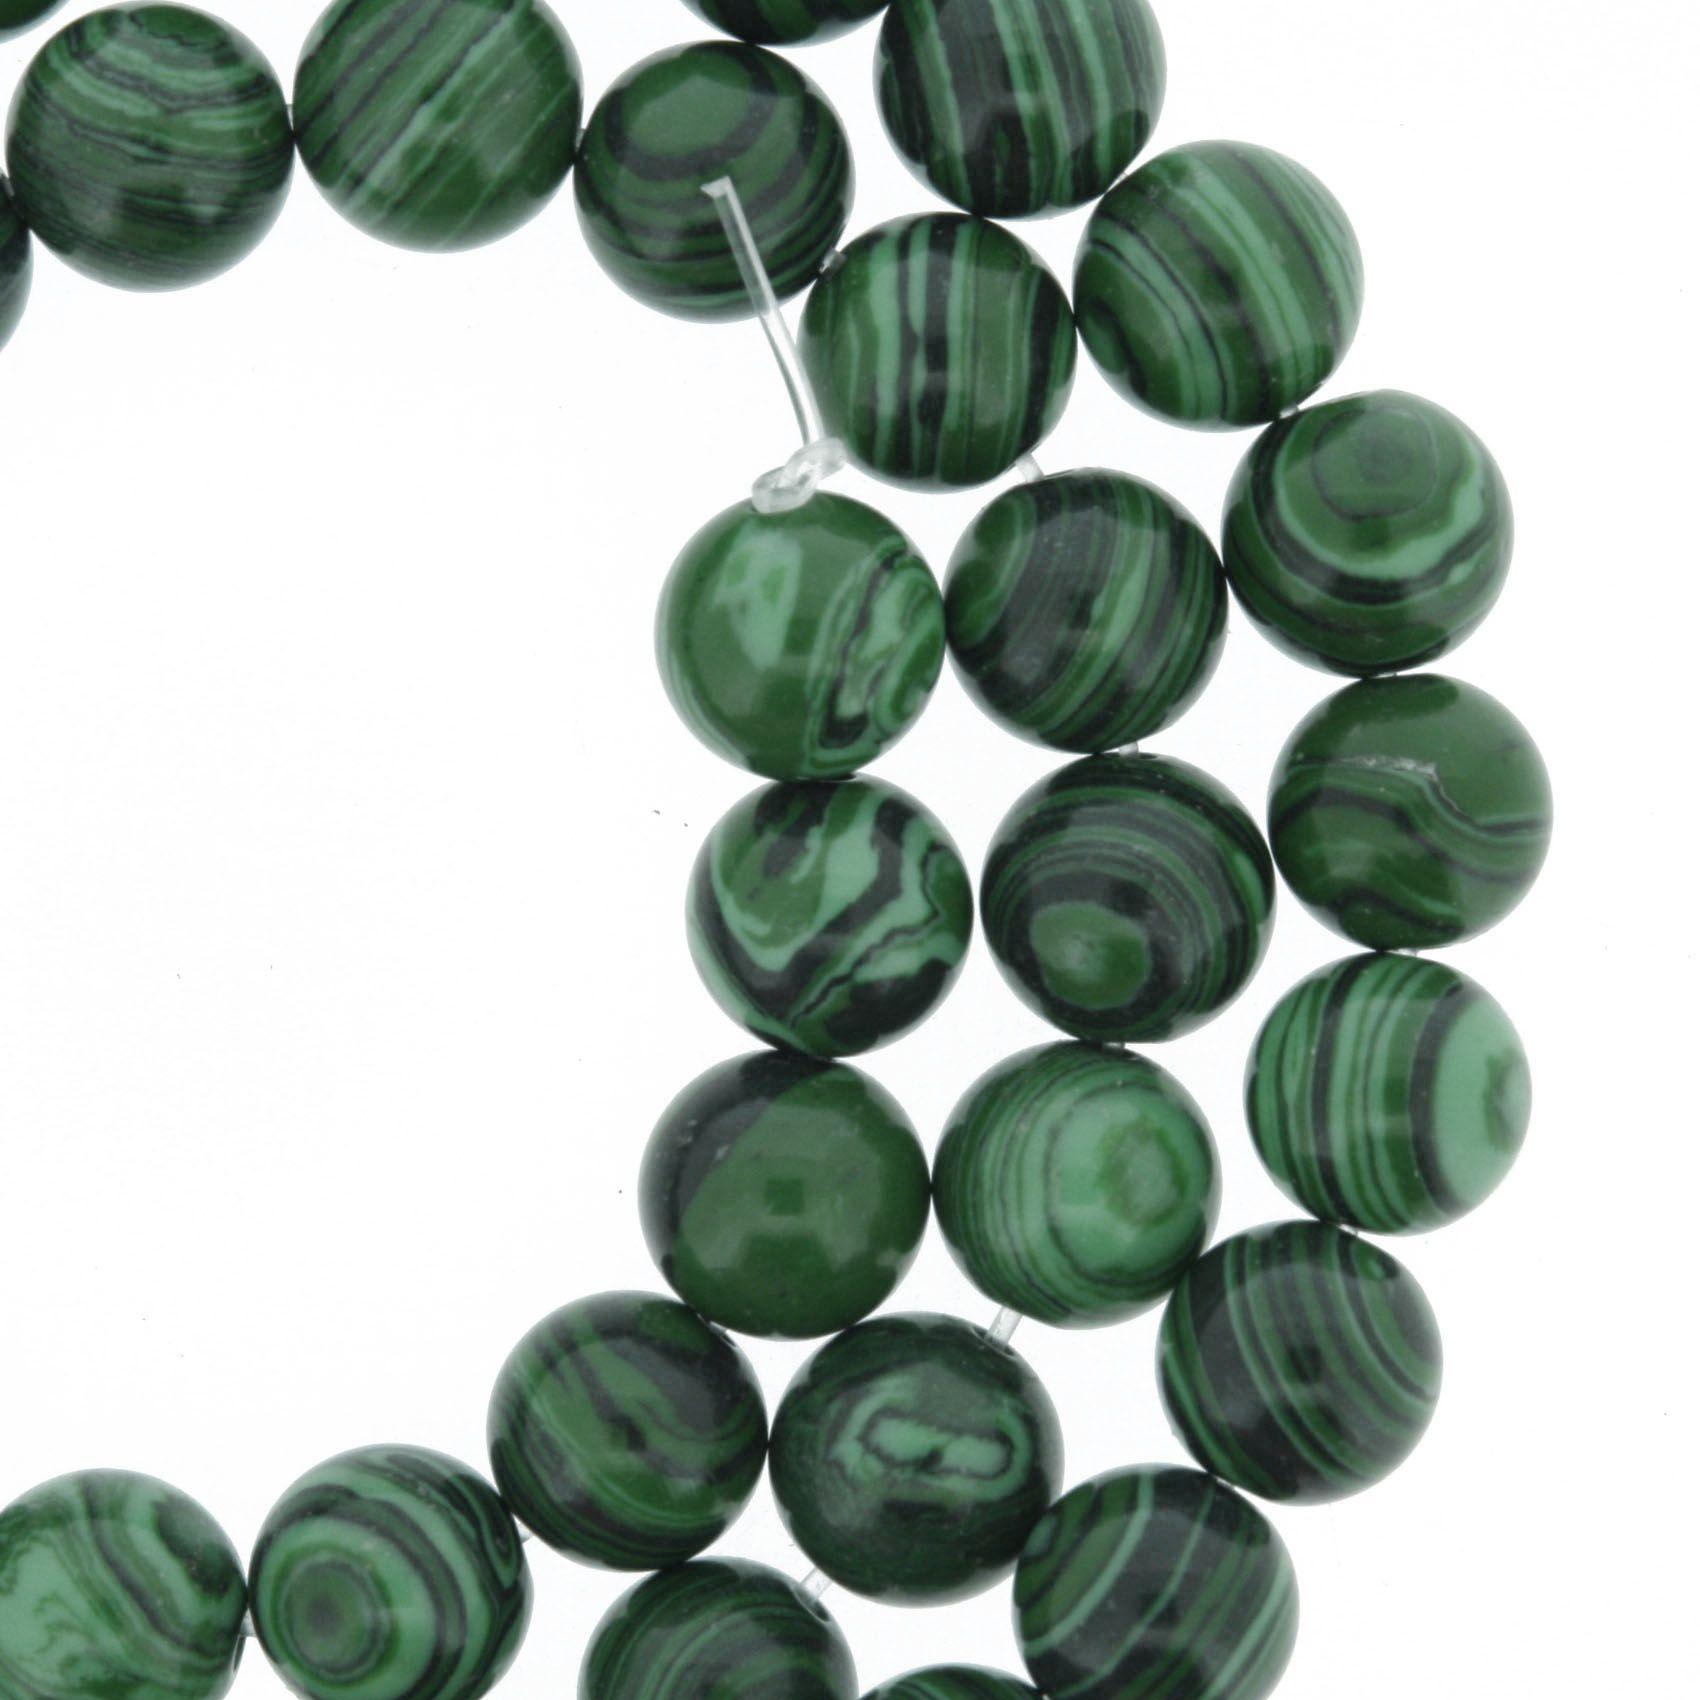 Fio de Pedra - Malaquita - 8mm  - Stéphanie Bijoux® - Peças para Bijuterias e Artesanato